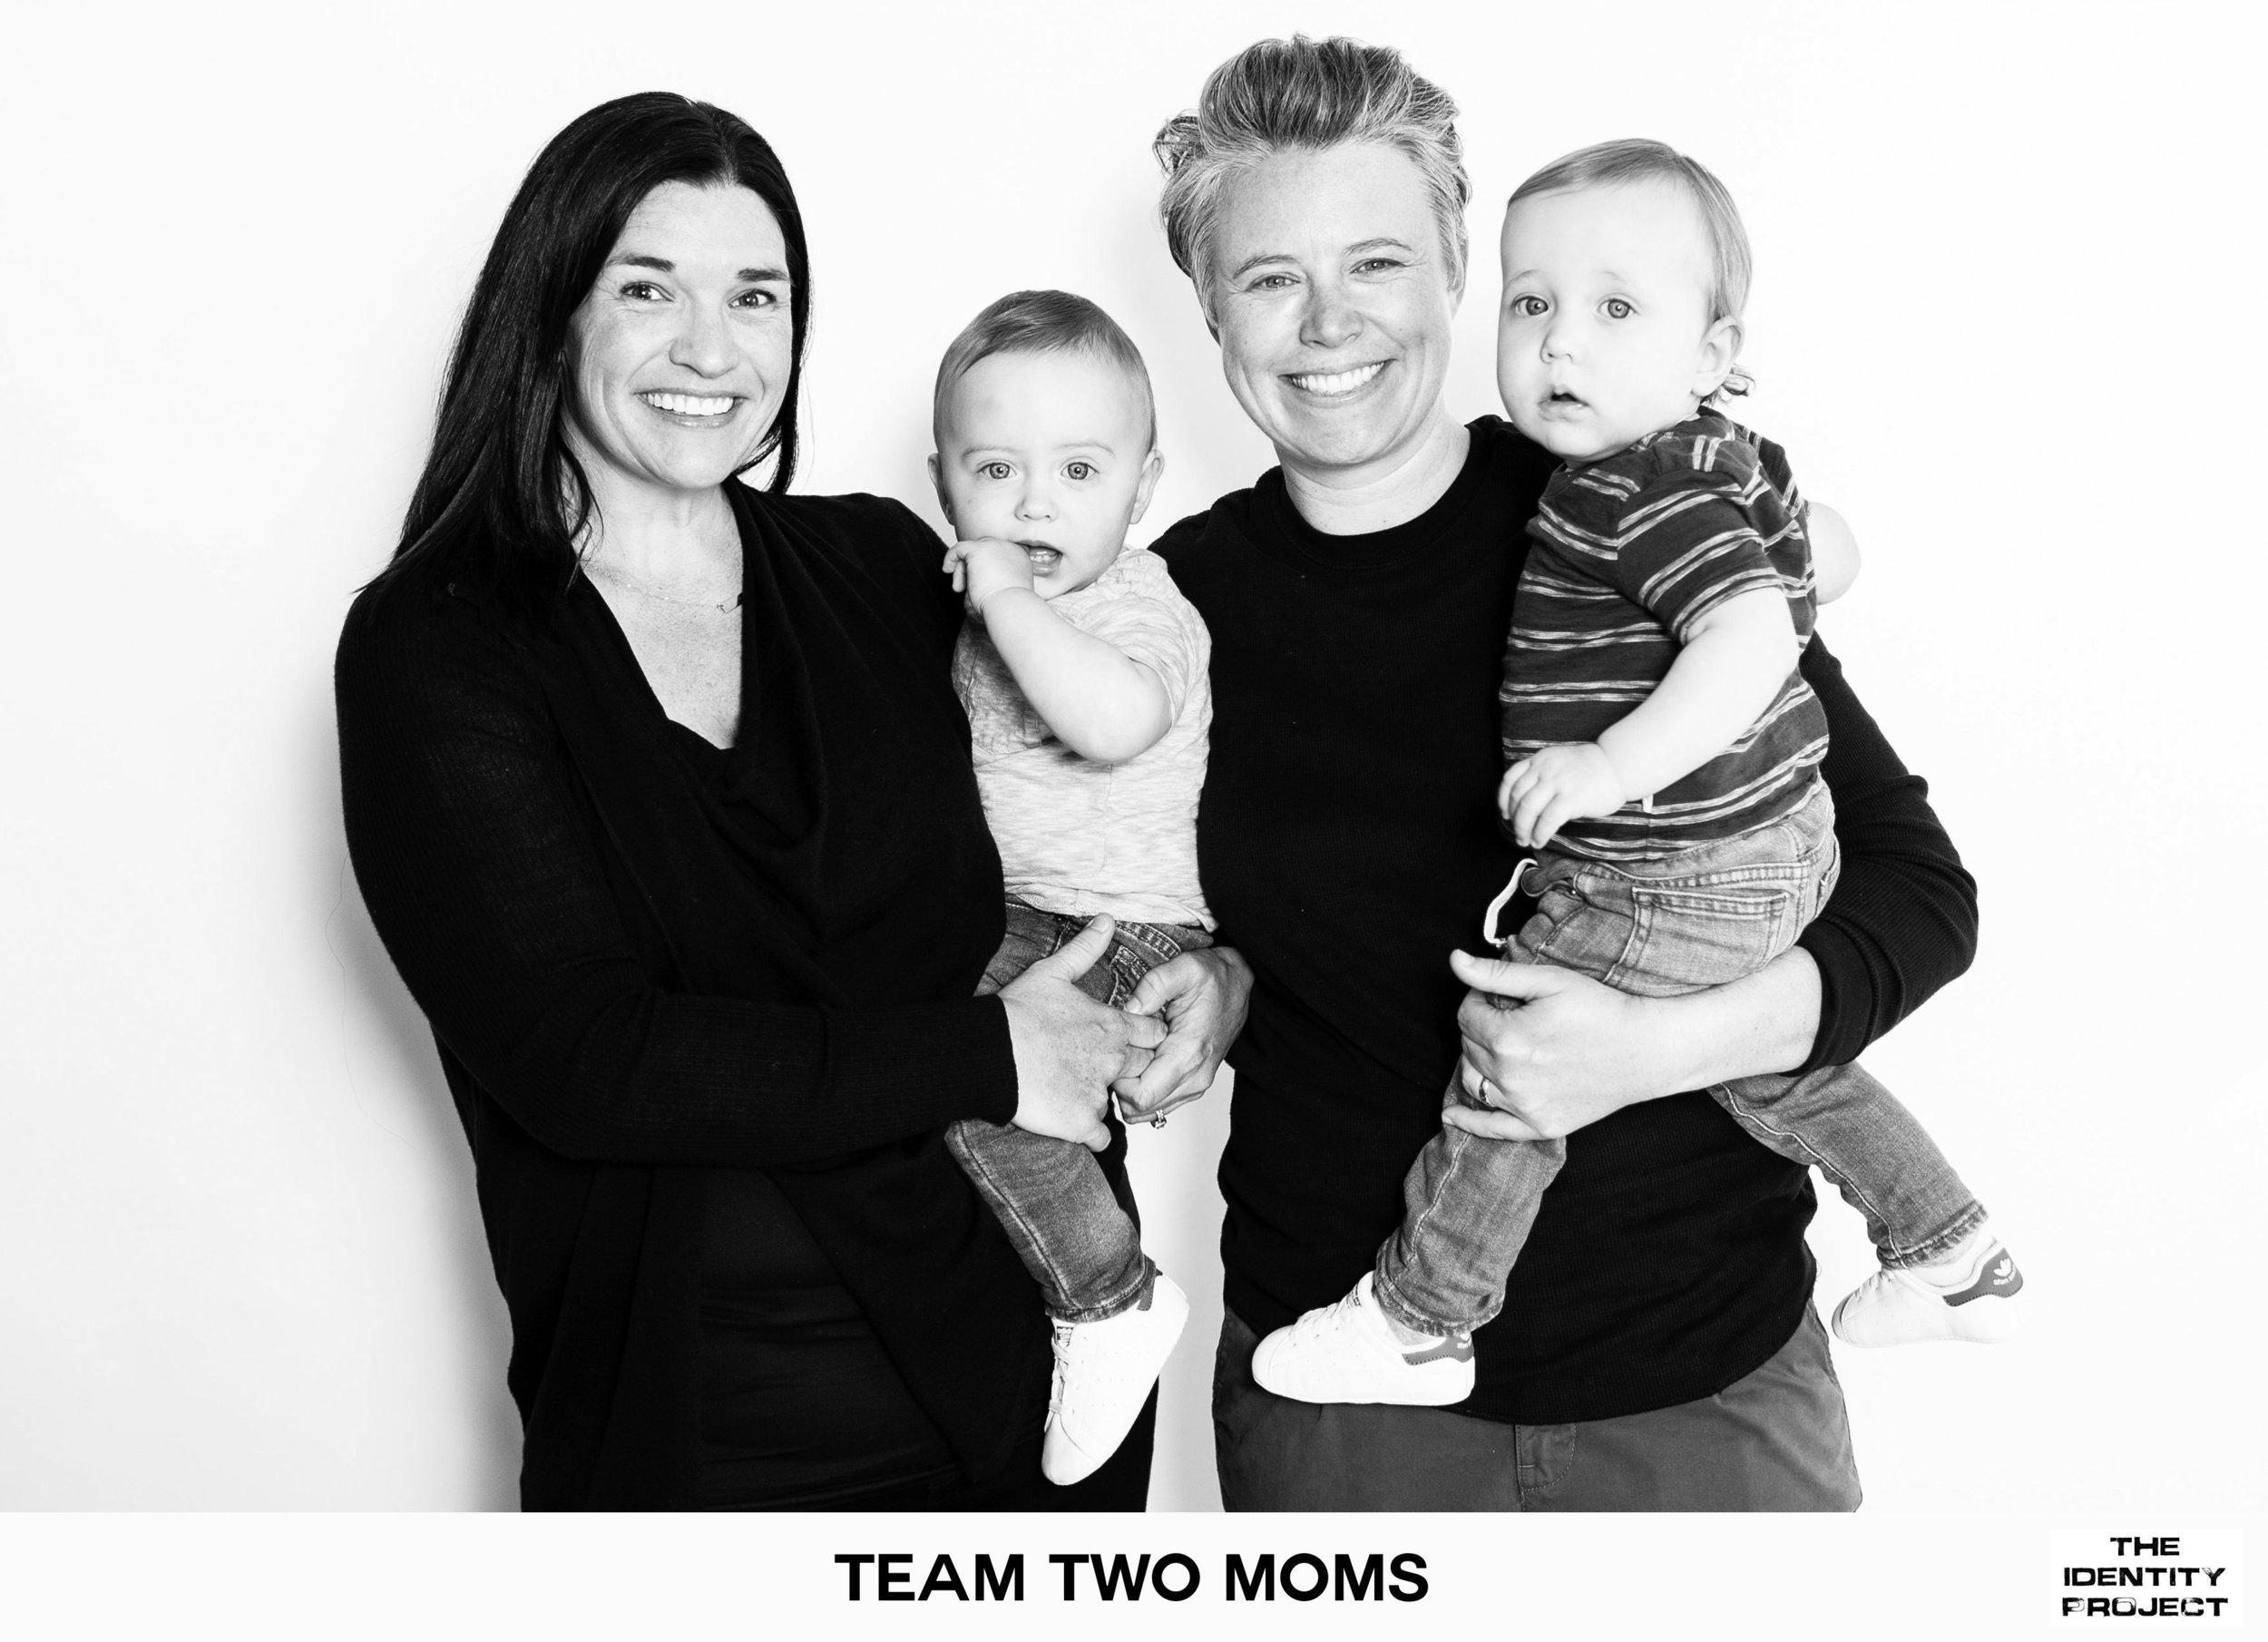 Team_Two_Moms_Framed.jpg